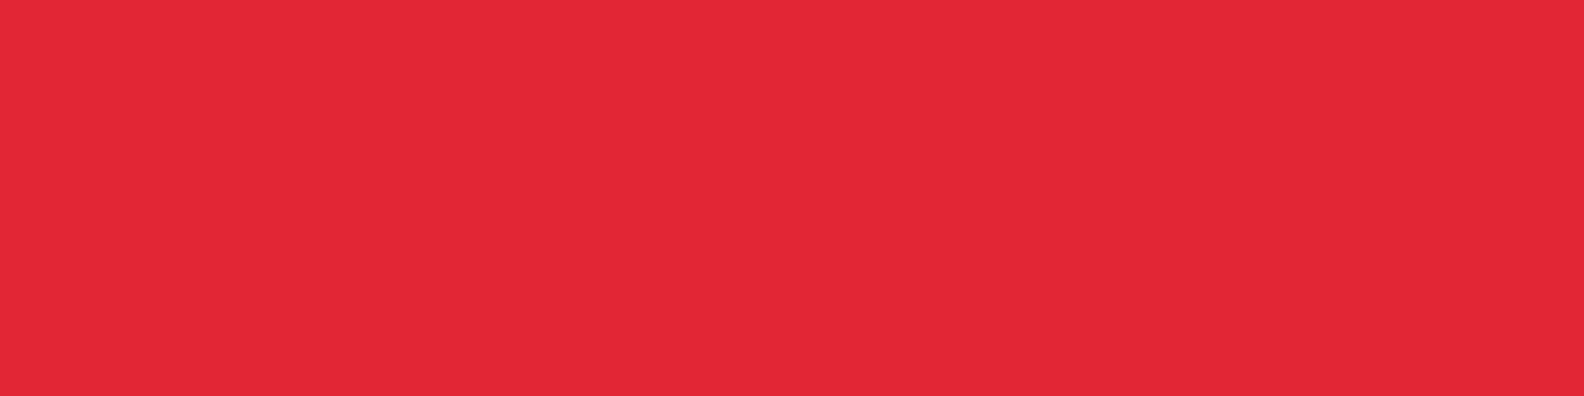 1584x396 Rose Madder Solid Color Background